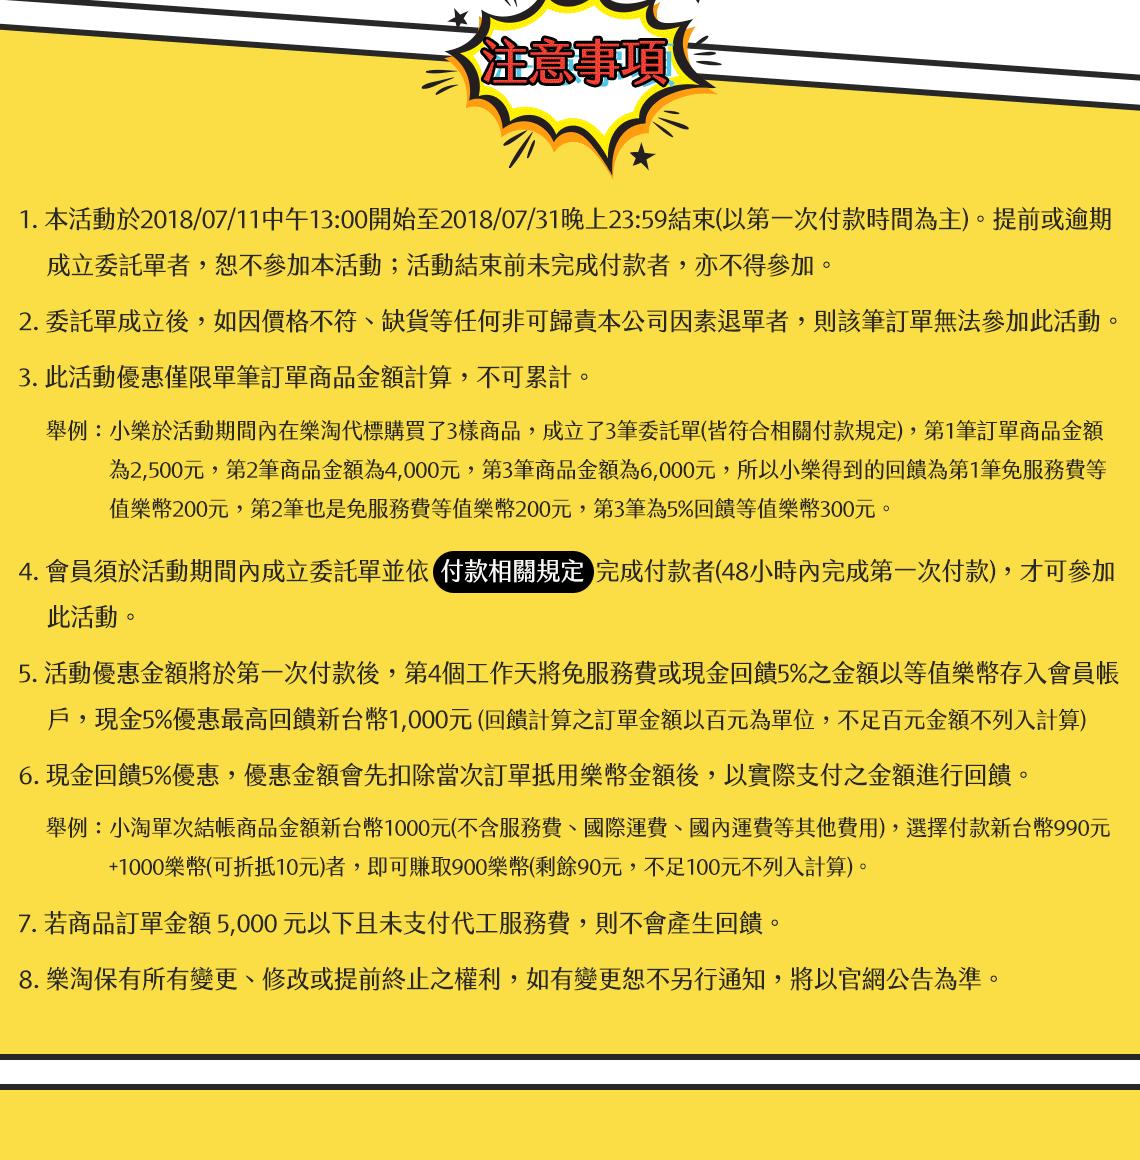 letao樂淘 - 2018/7/11-7/31樂淘5夠力!現金回饋5%!